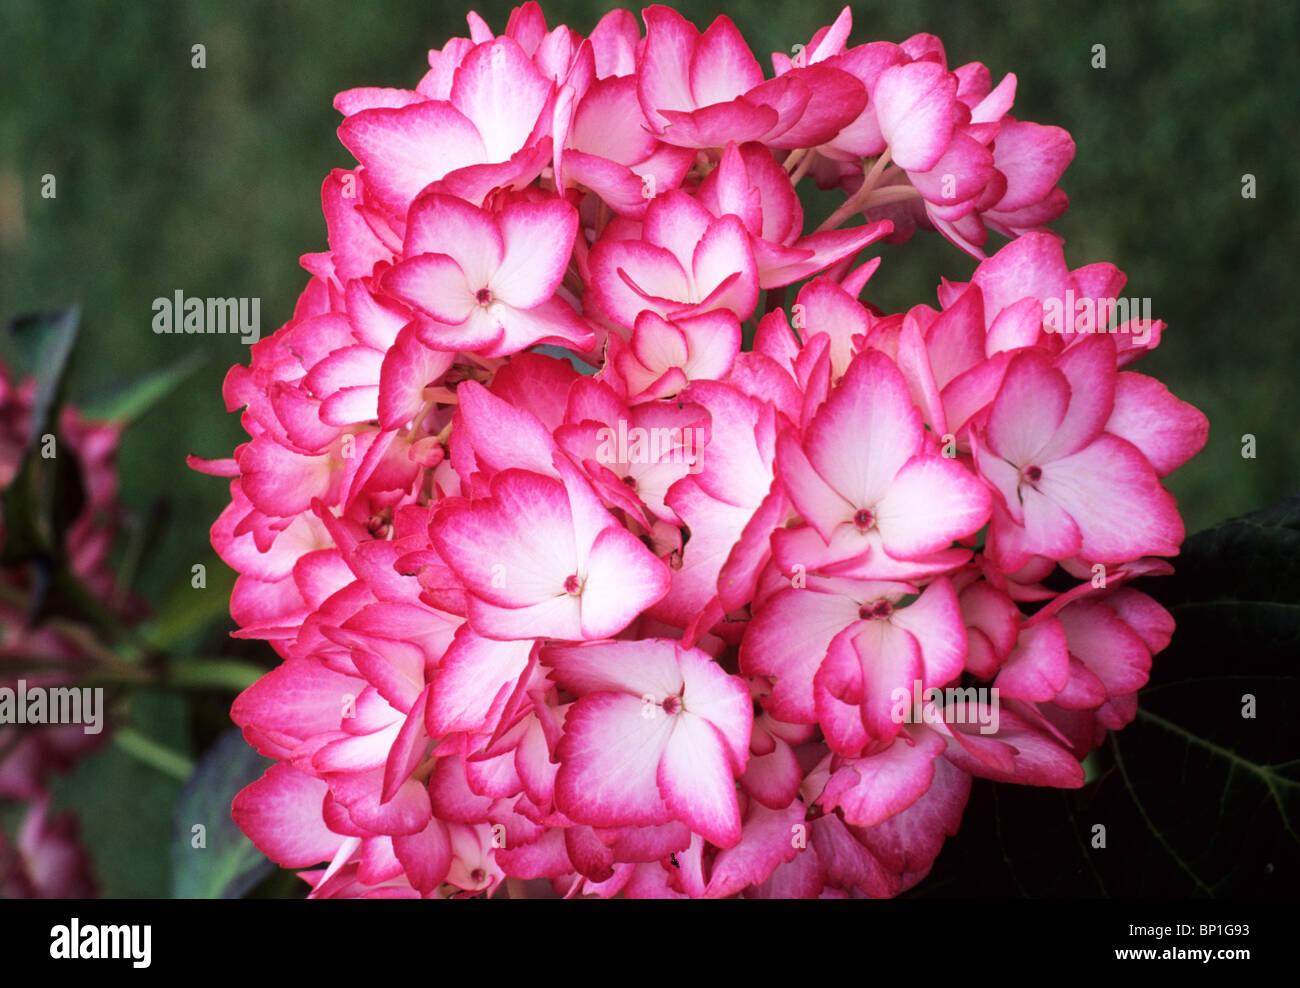 Hydrangea Serrata Mira Red Pink Flower Flowers Garden Plant